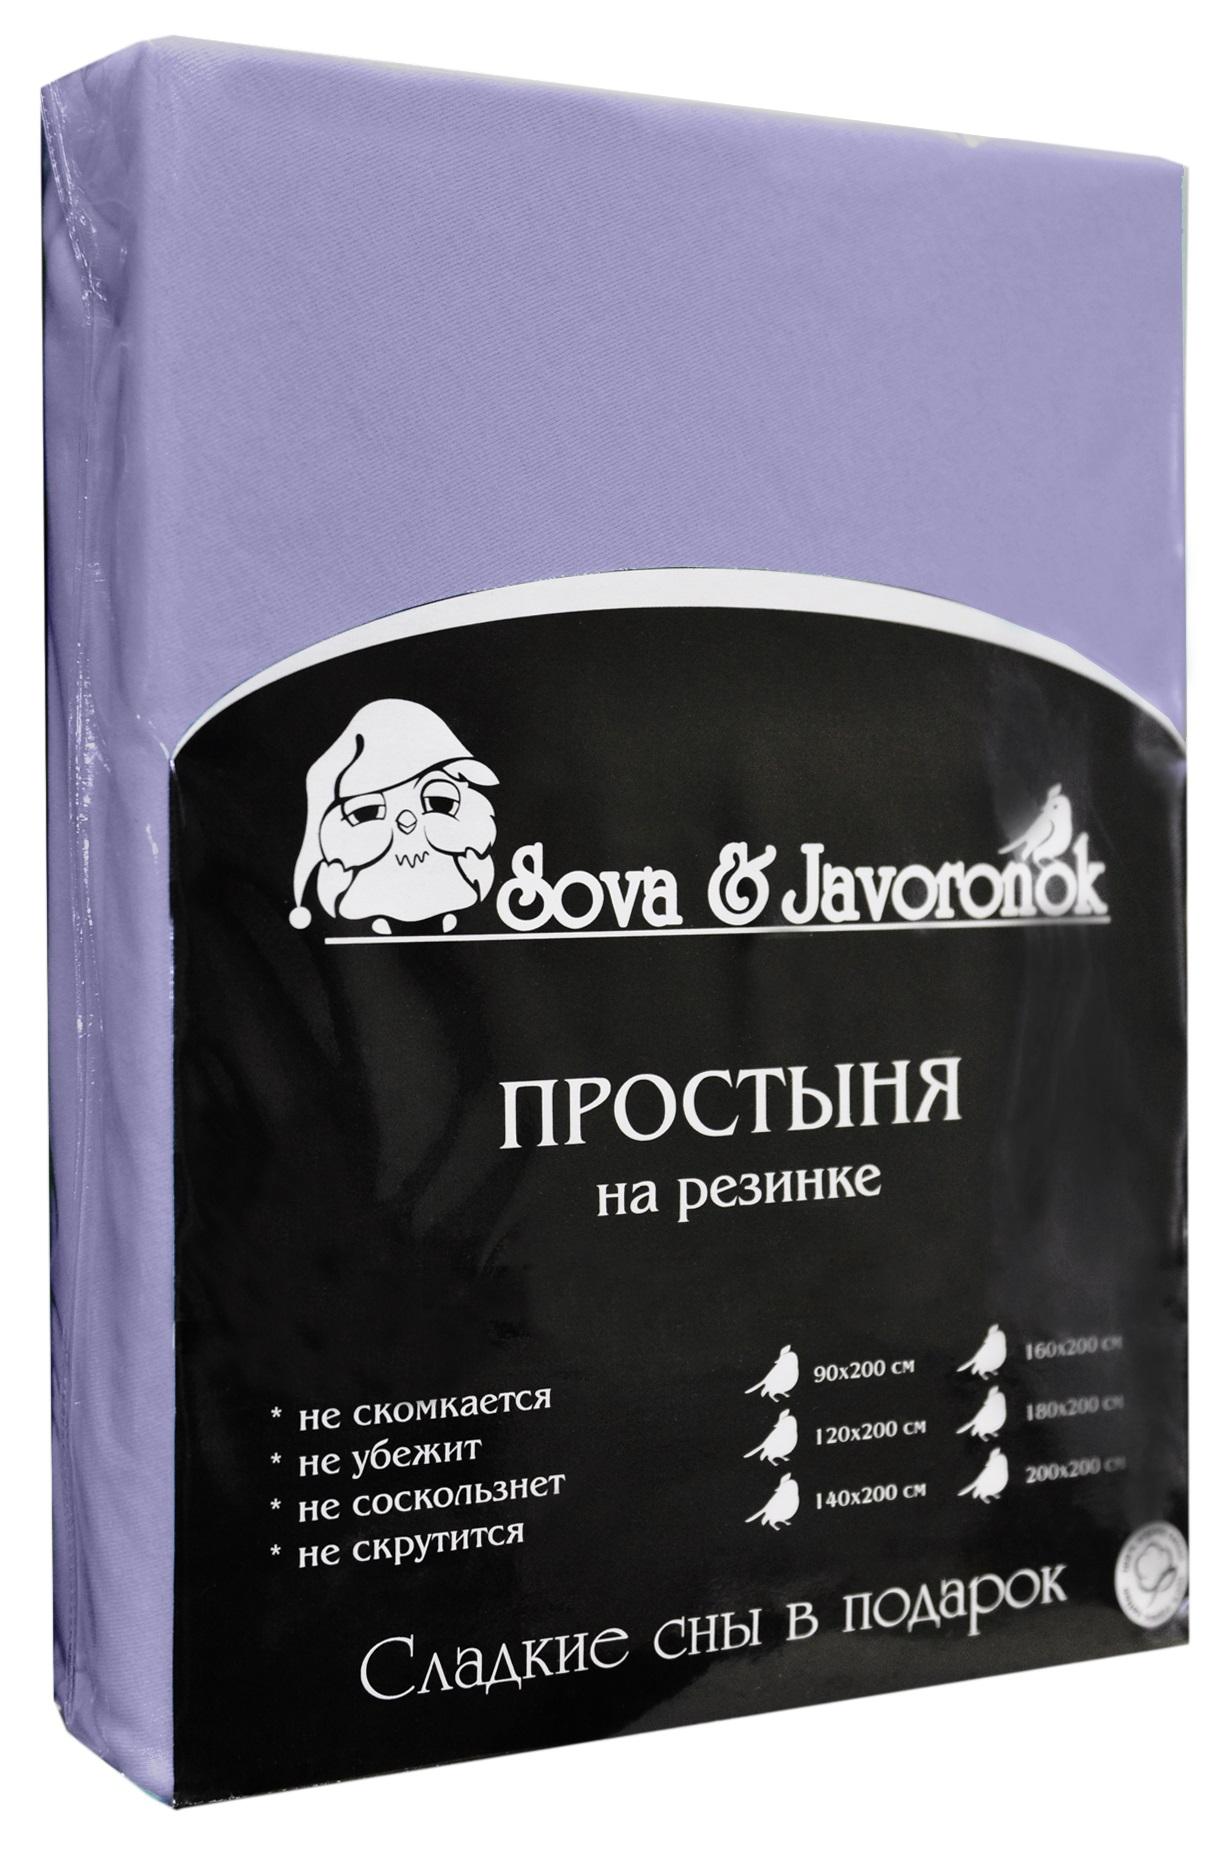 Простыня на резинке Sova & Javoronok, цвет: фиолетовый, 90 см х 200 см1092029Простыня на резинке Sova & Javoronok, изготовленная из трикотажной ткани (100% хлопок), будет превосходно смотреться с любыми комплектами белья. Хлопчатобумажный трикотаж по праву считается одним из самых качественных, прочных и при этом приятных на ощупь. Его гигиеничность позволяет использовать простыню и в детских комнатах, к тому же 100%-ый хлопок в составе ткани не вызовет аллергии. У трикотажного полотна очень интересная структура, немного рыхлая за счет отсутствия плотного переплетения нитей и наличия особых петель, благодаря этому простыня Сова и Жаворонок отлично пропускает воздух и способствует его постоянной циркуляции. Поэтому ваша постель будет всегда оставаться свежей. Но главное и, пожалуй, самое известное свойство трикотажа - это его великолепная растяжимость, поэтому эта ткань и была выбрана для натяжной простыни на резинке.Простыня прошита резинкой по всему периметру, что обеспечивает более комфортный отдых, так как она прочно удерживается на матрасе и избавляет от необходимости часто поправлять простыню.